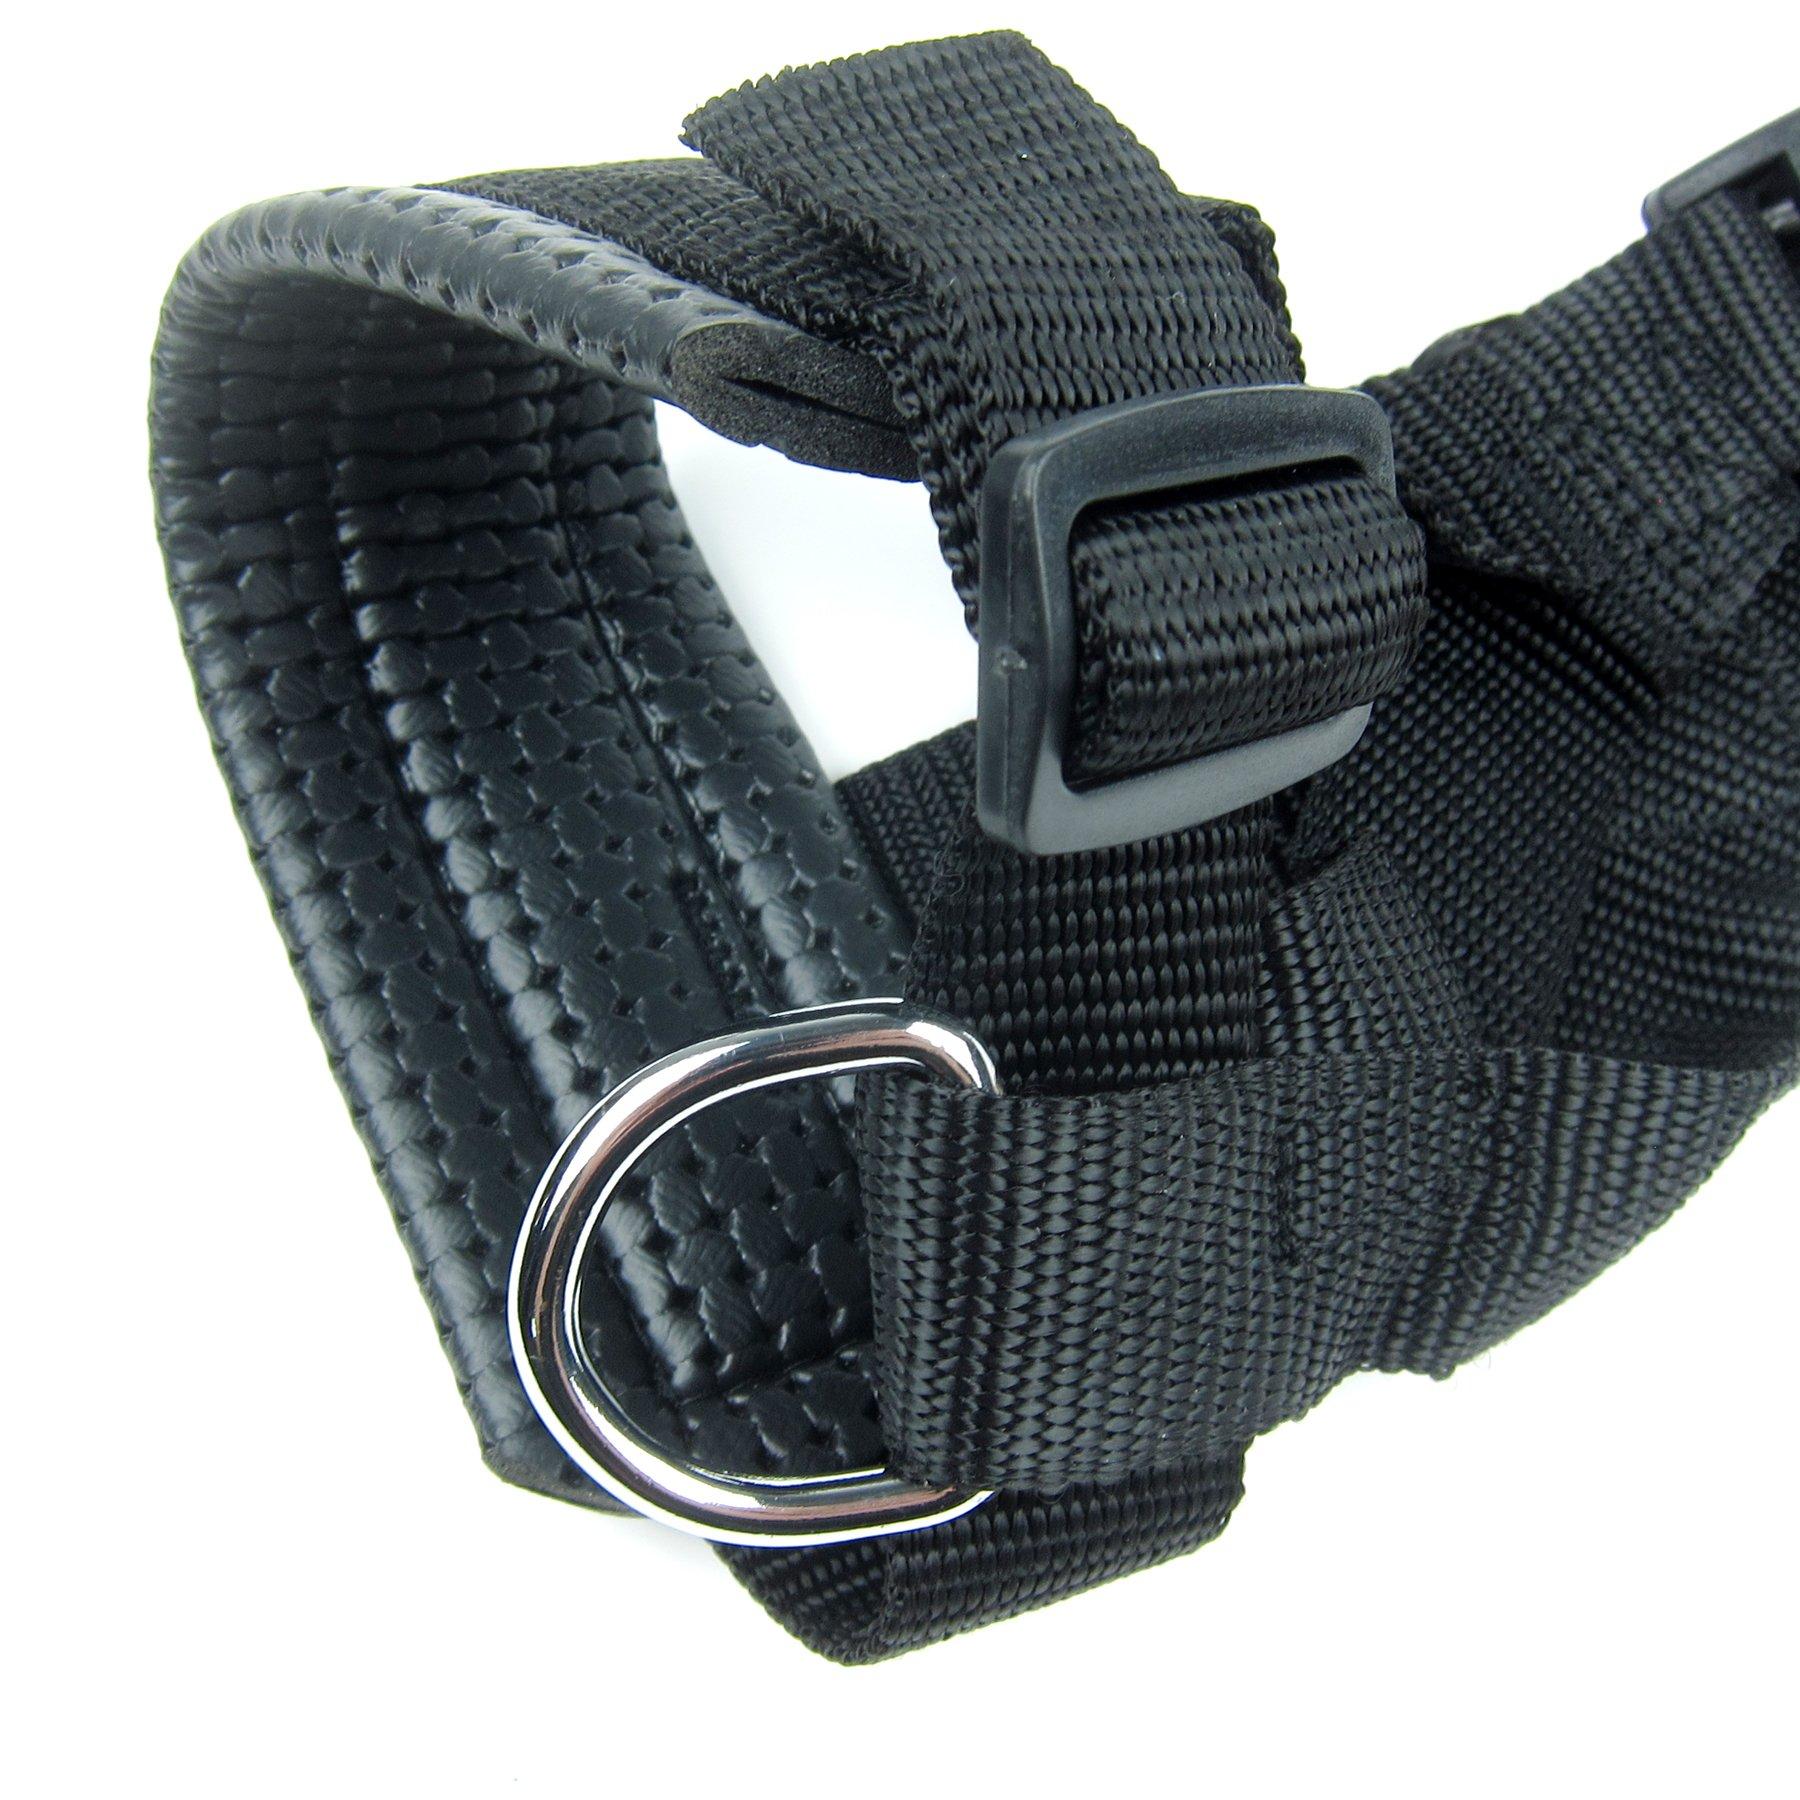 Alfie Pet by Petoga Couture - Jaimy Adjustable Quick Fit Nylon Muzzle - Color: Black, Size: XXL by Alfie (Image #5)